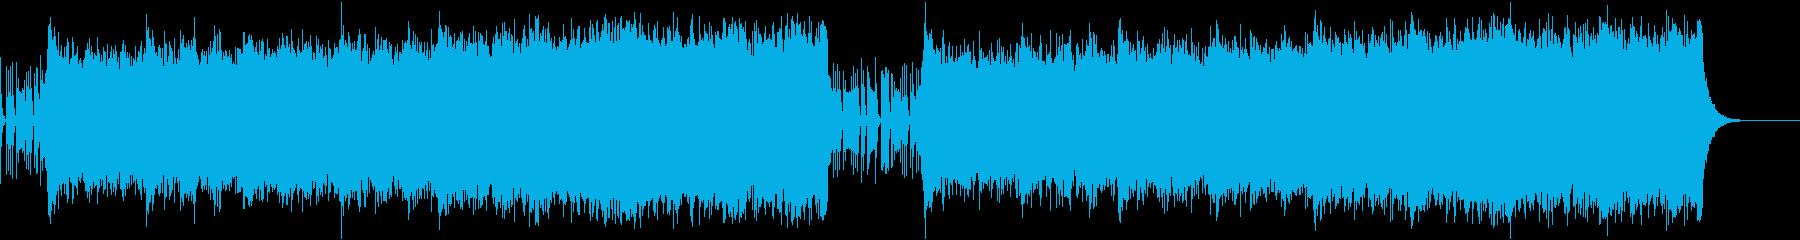 ファンタジー・オーケストラ・城の再生済みの波形